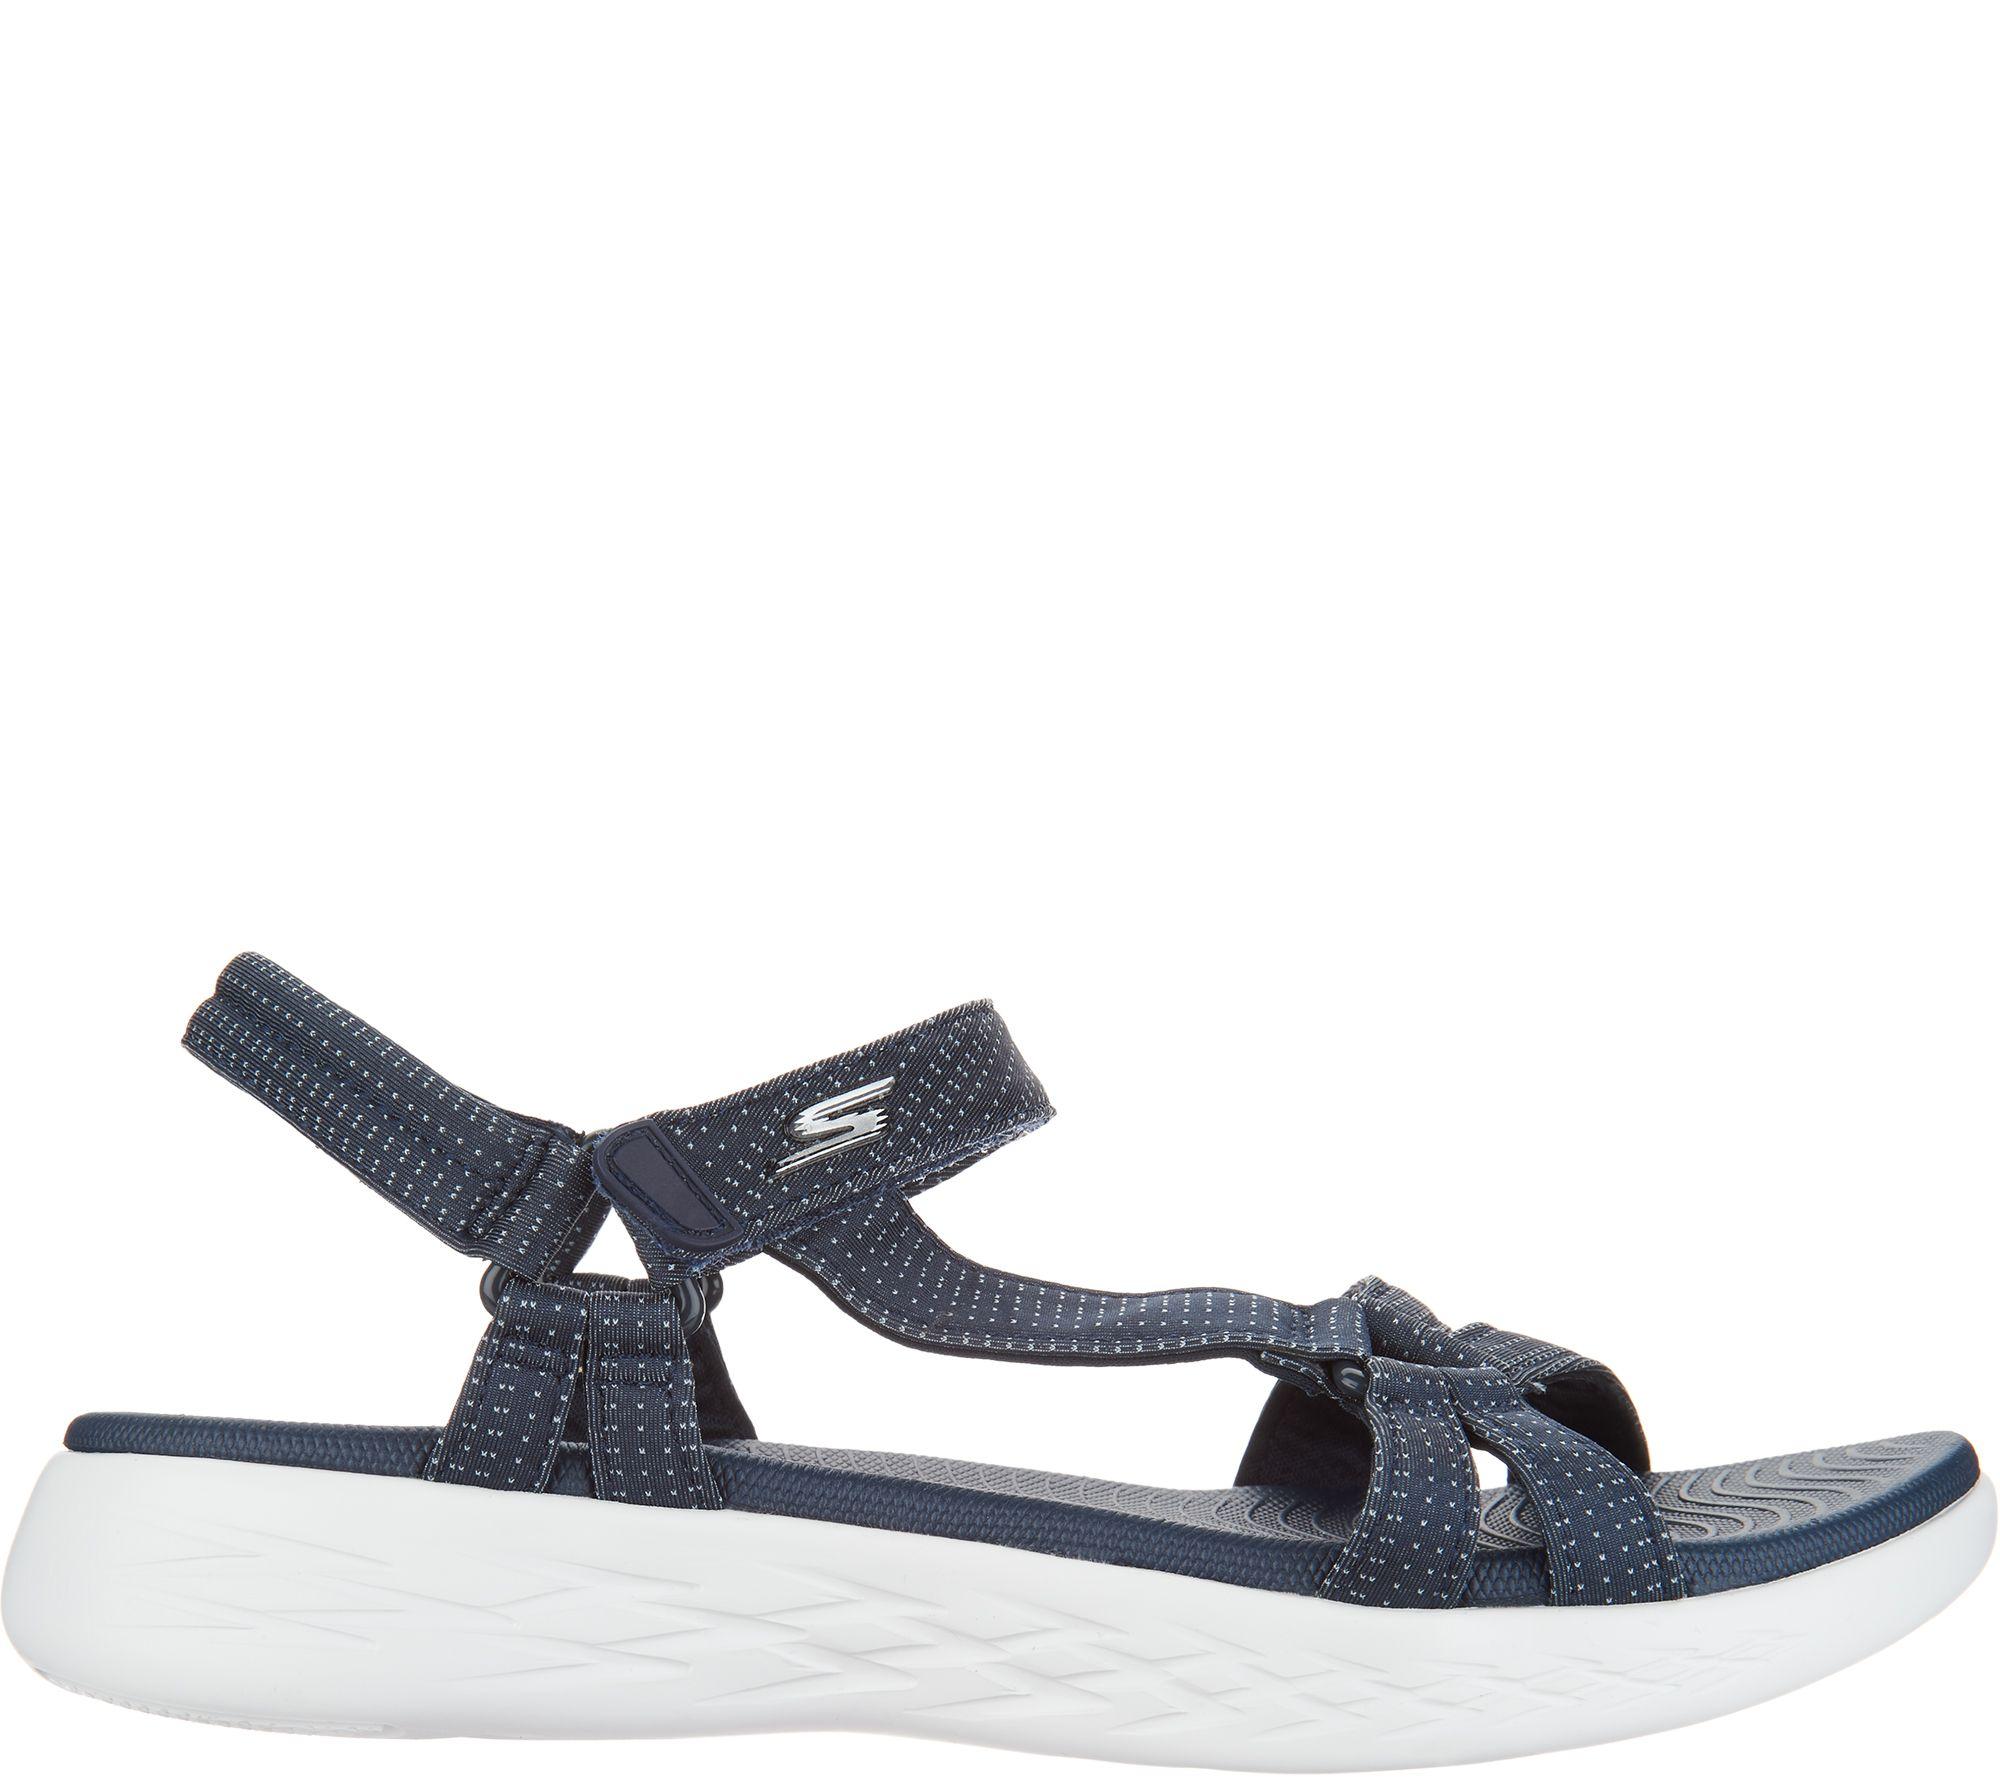 f3ac99e422f0 Skechers GO Walk Move Quarter Strap Sandals - Brilliancy - Page 1 — QVC.com